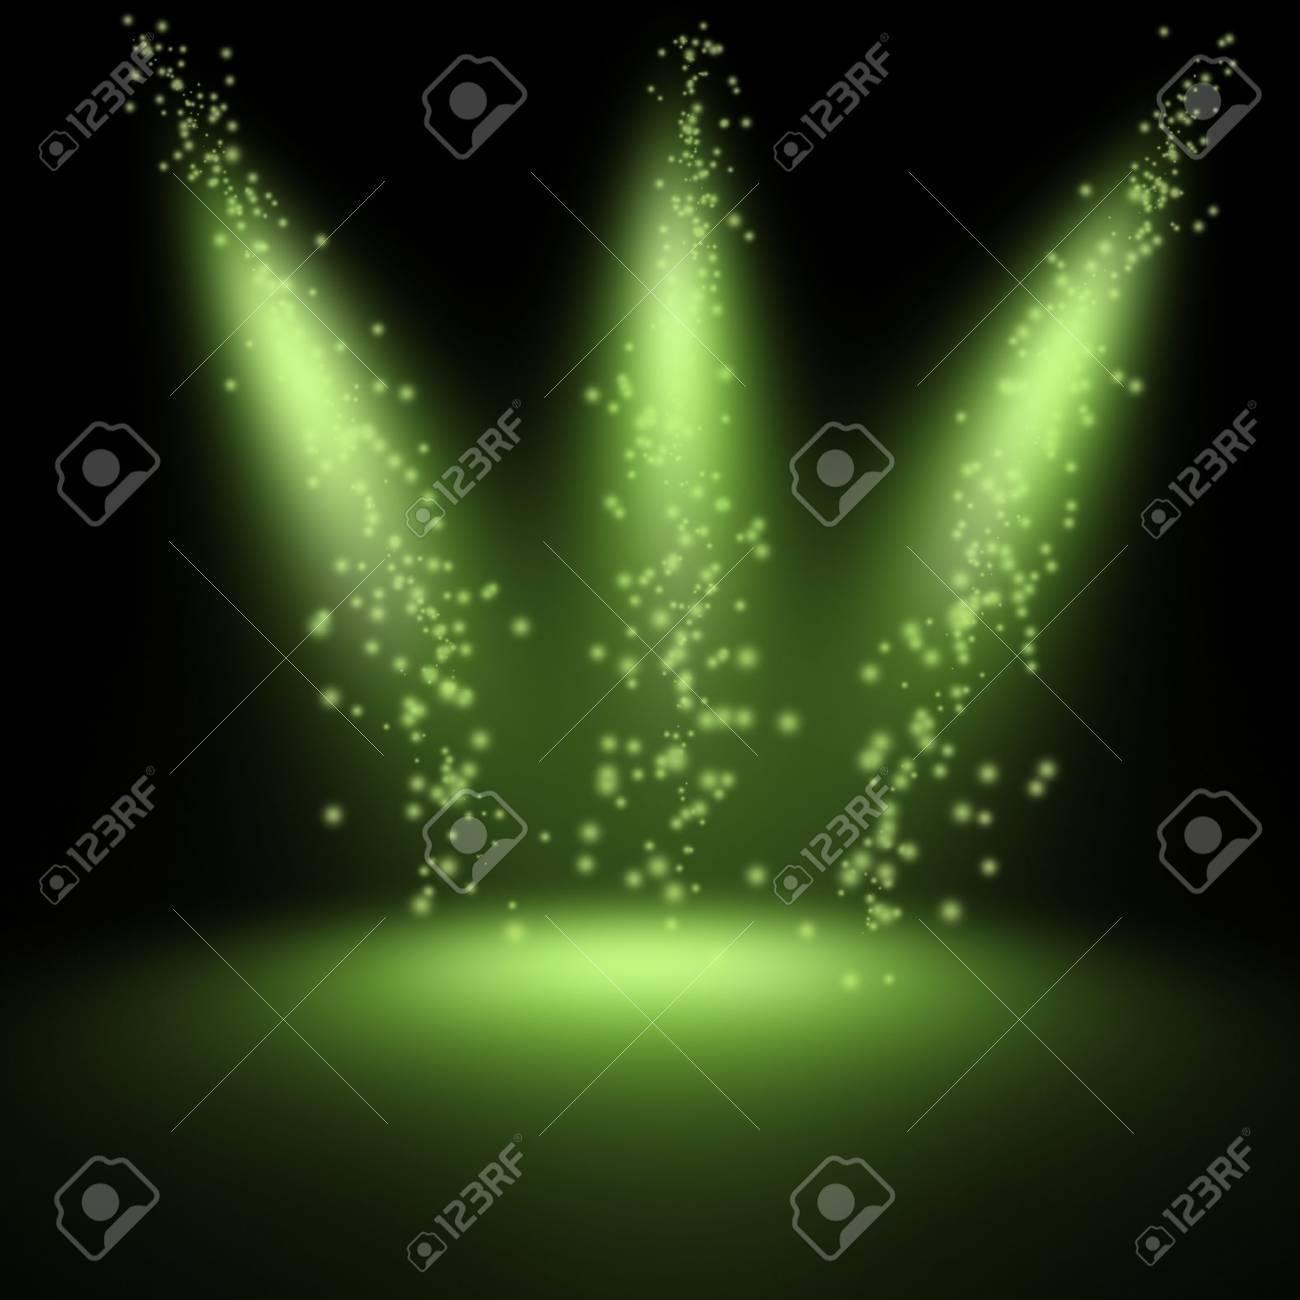 scene illuminated by a spotlight - 9745322